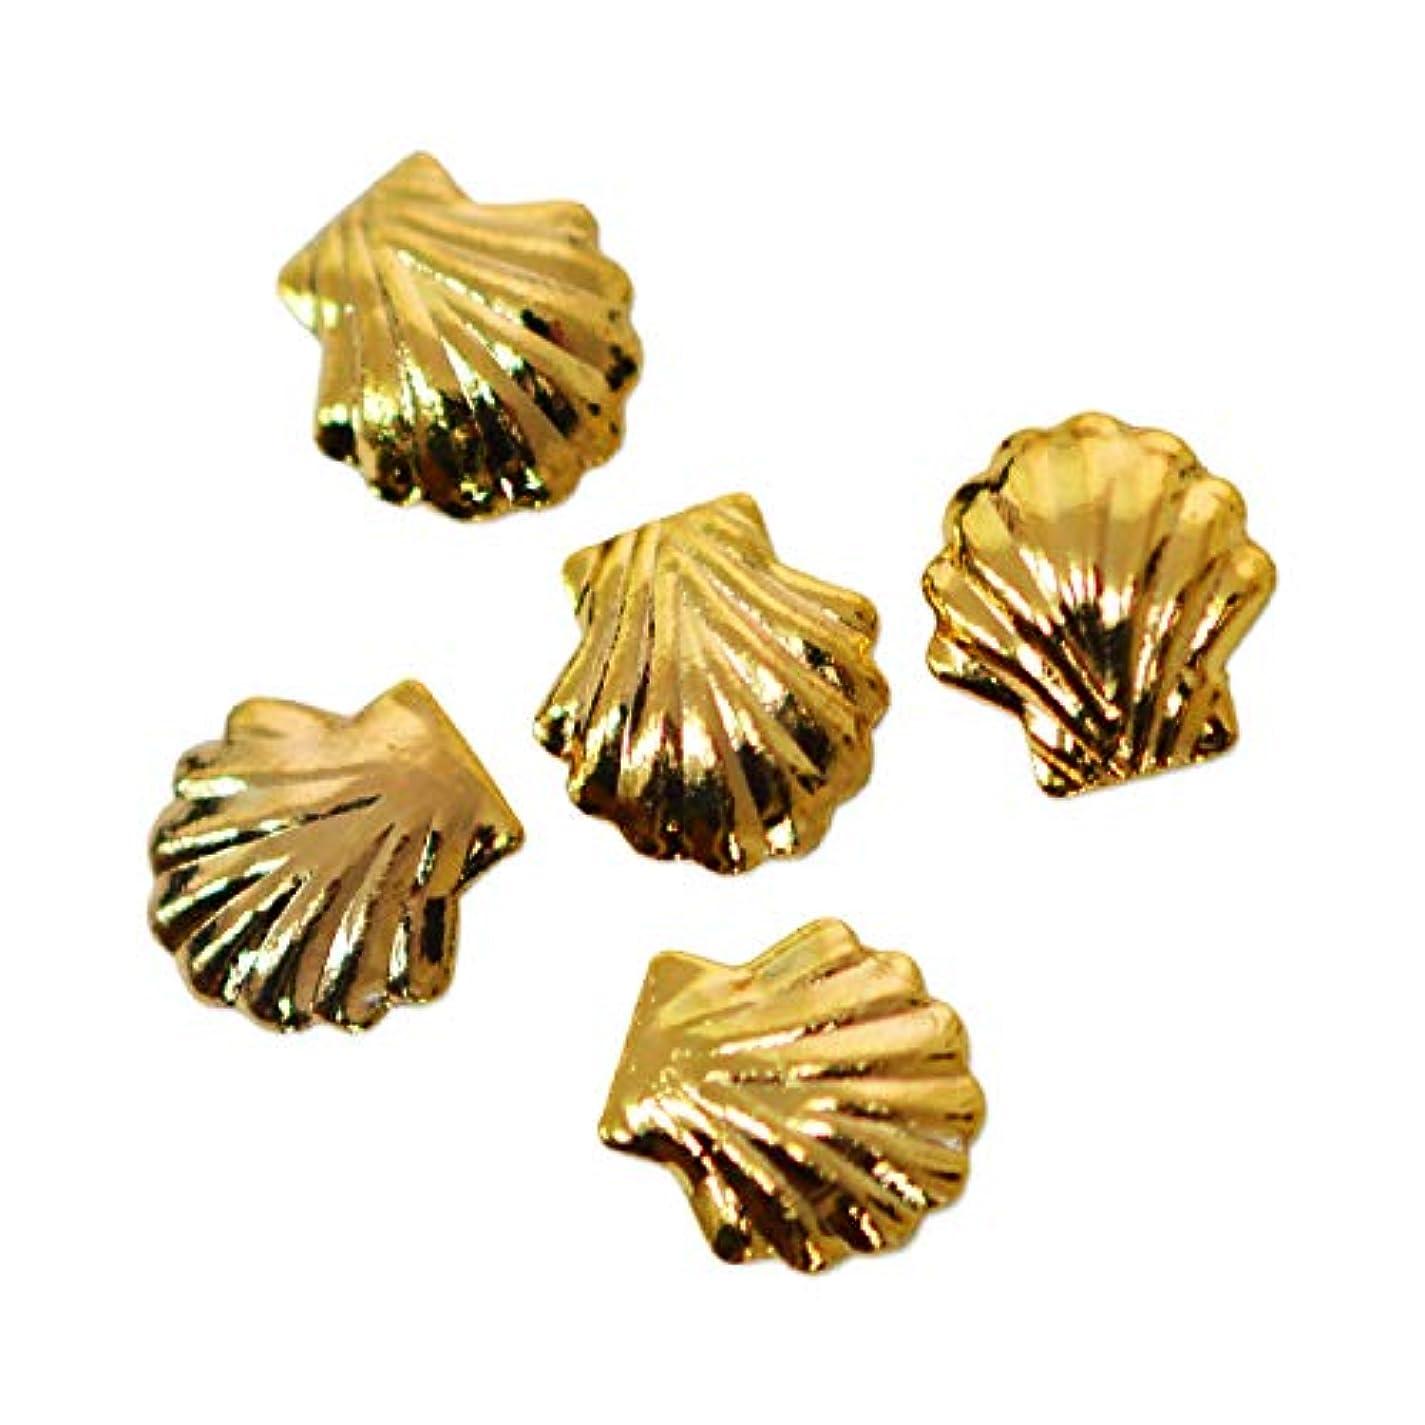 敵対的中で関与するメタルパーツ シェル ゴールド 5ミリ 30粒 ネイルパーツ 貝殻 メタルシェル シェルメタル gold